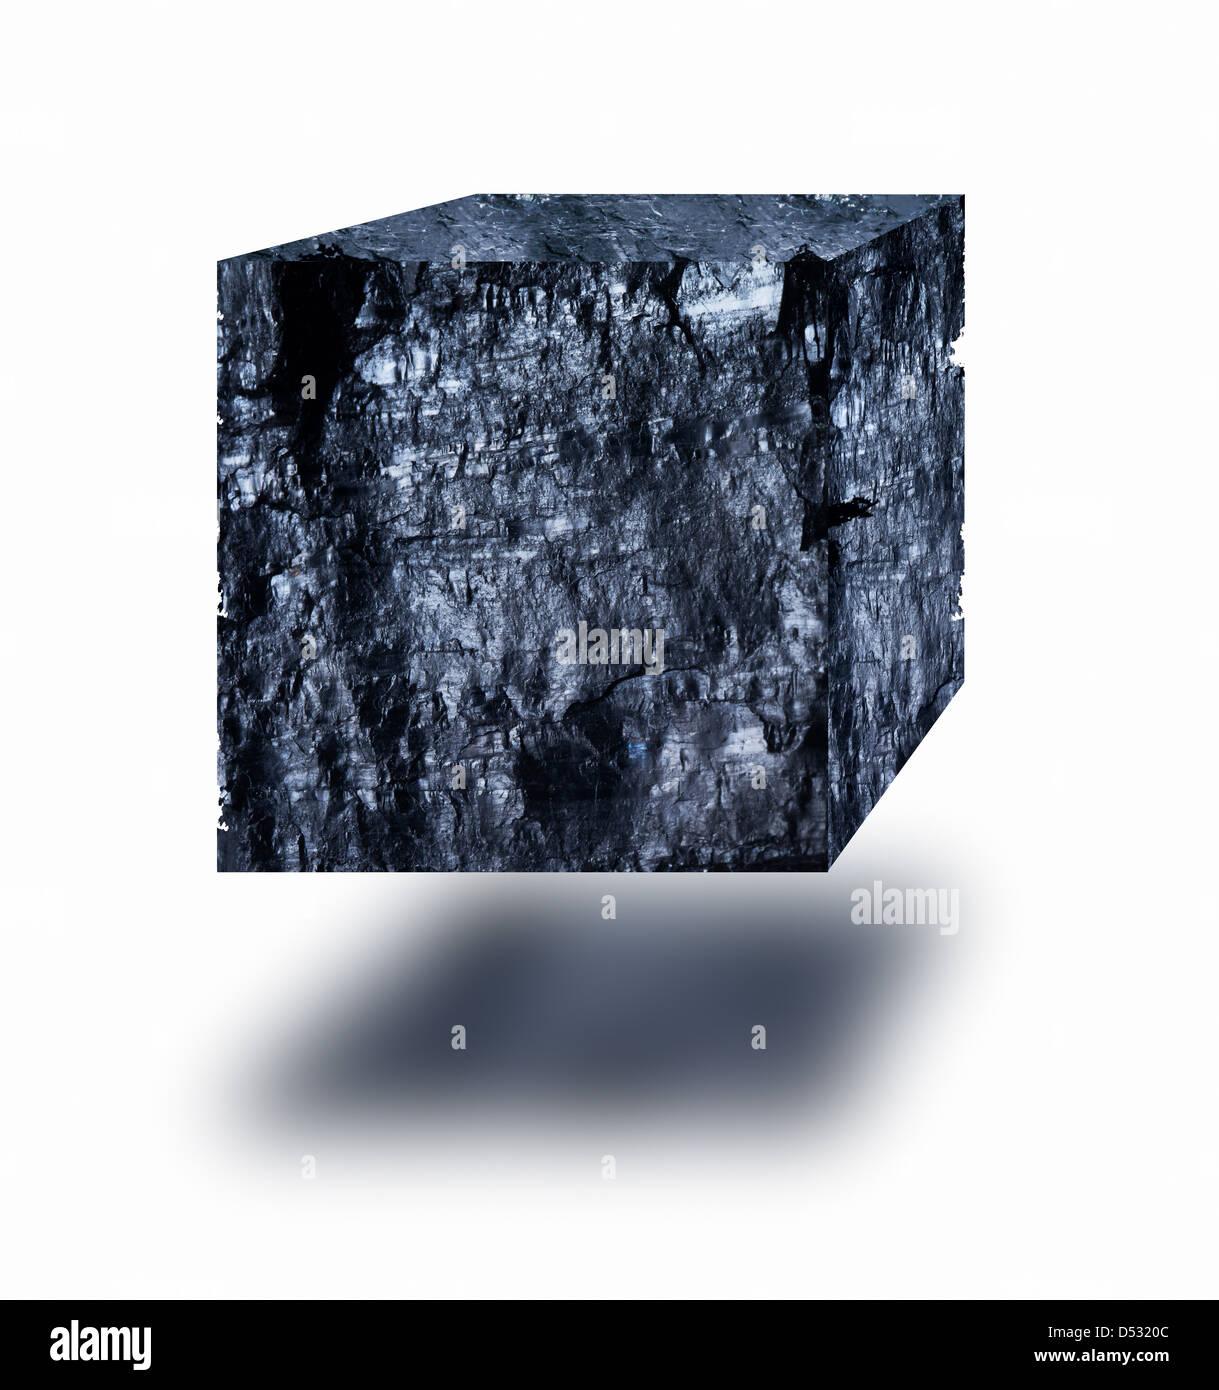 Kohle cube schwebend in der Luft auf weißem Hintergrund Stockbild